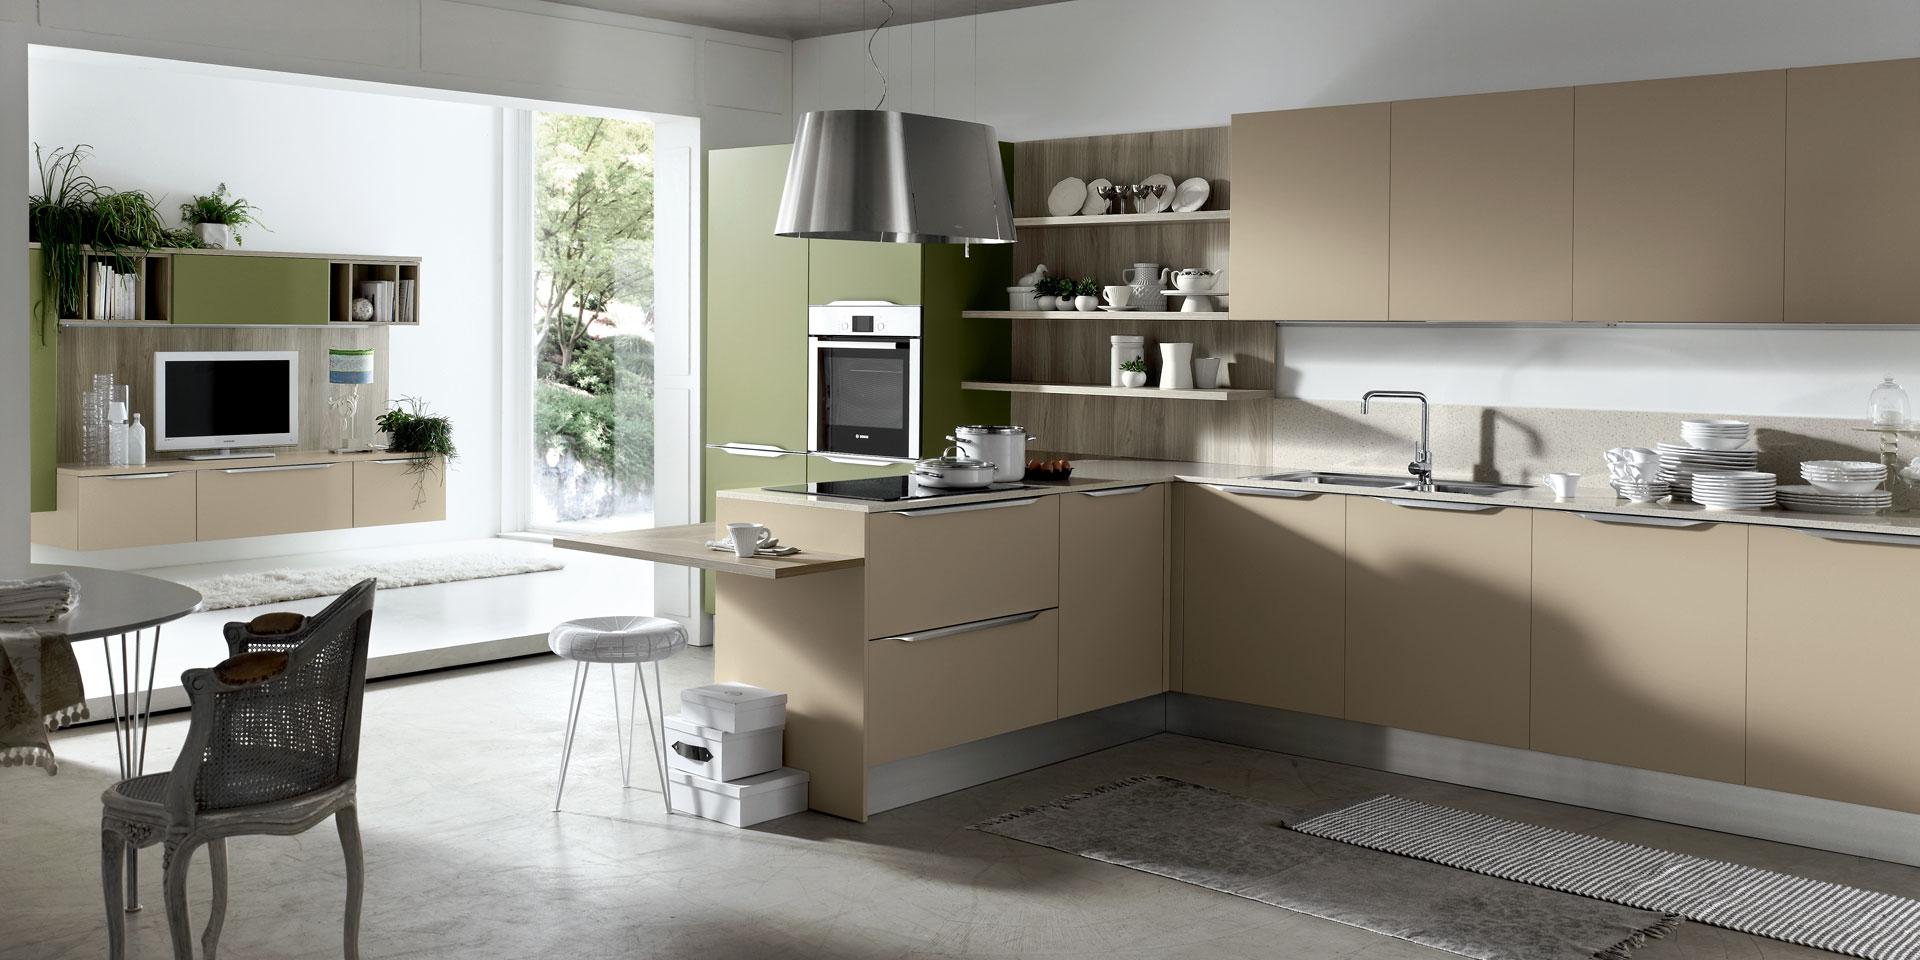 Cucine componibili in stile classico e contemporaneo gruppo gradi arredamenti - Arredamenti moderni cucine ...